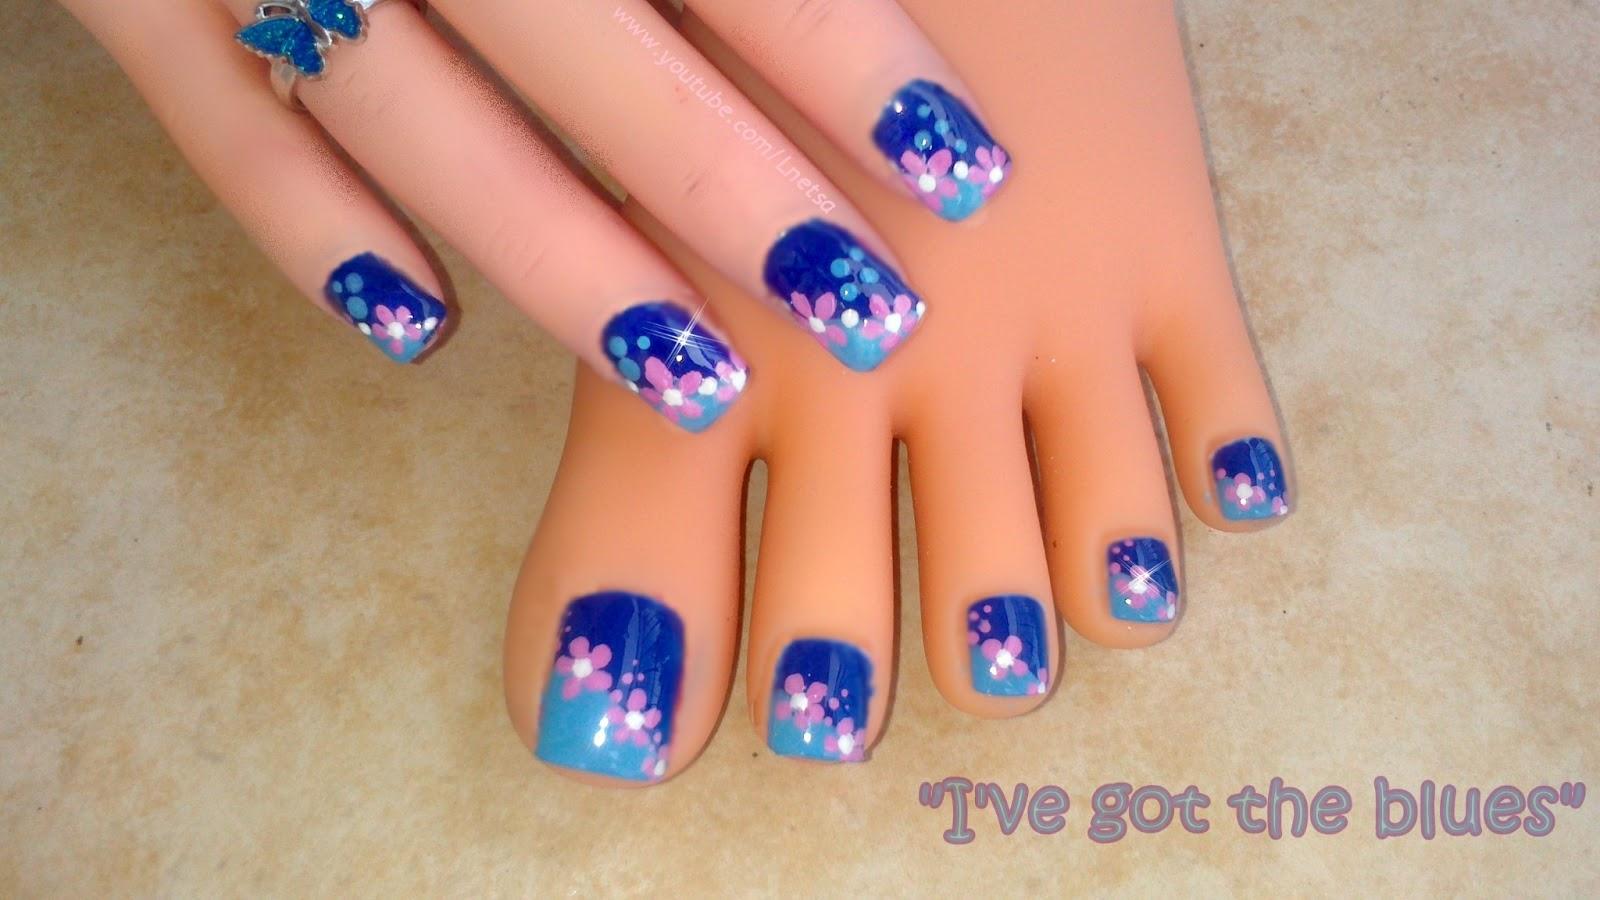 - Lnetsa 's nailart: Toe nail design and short nails ...